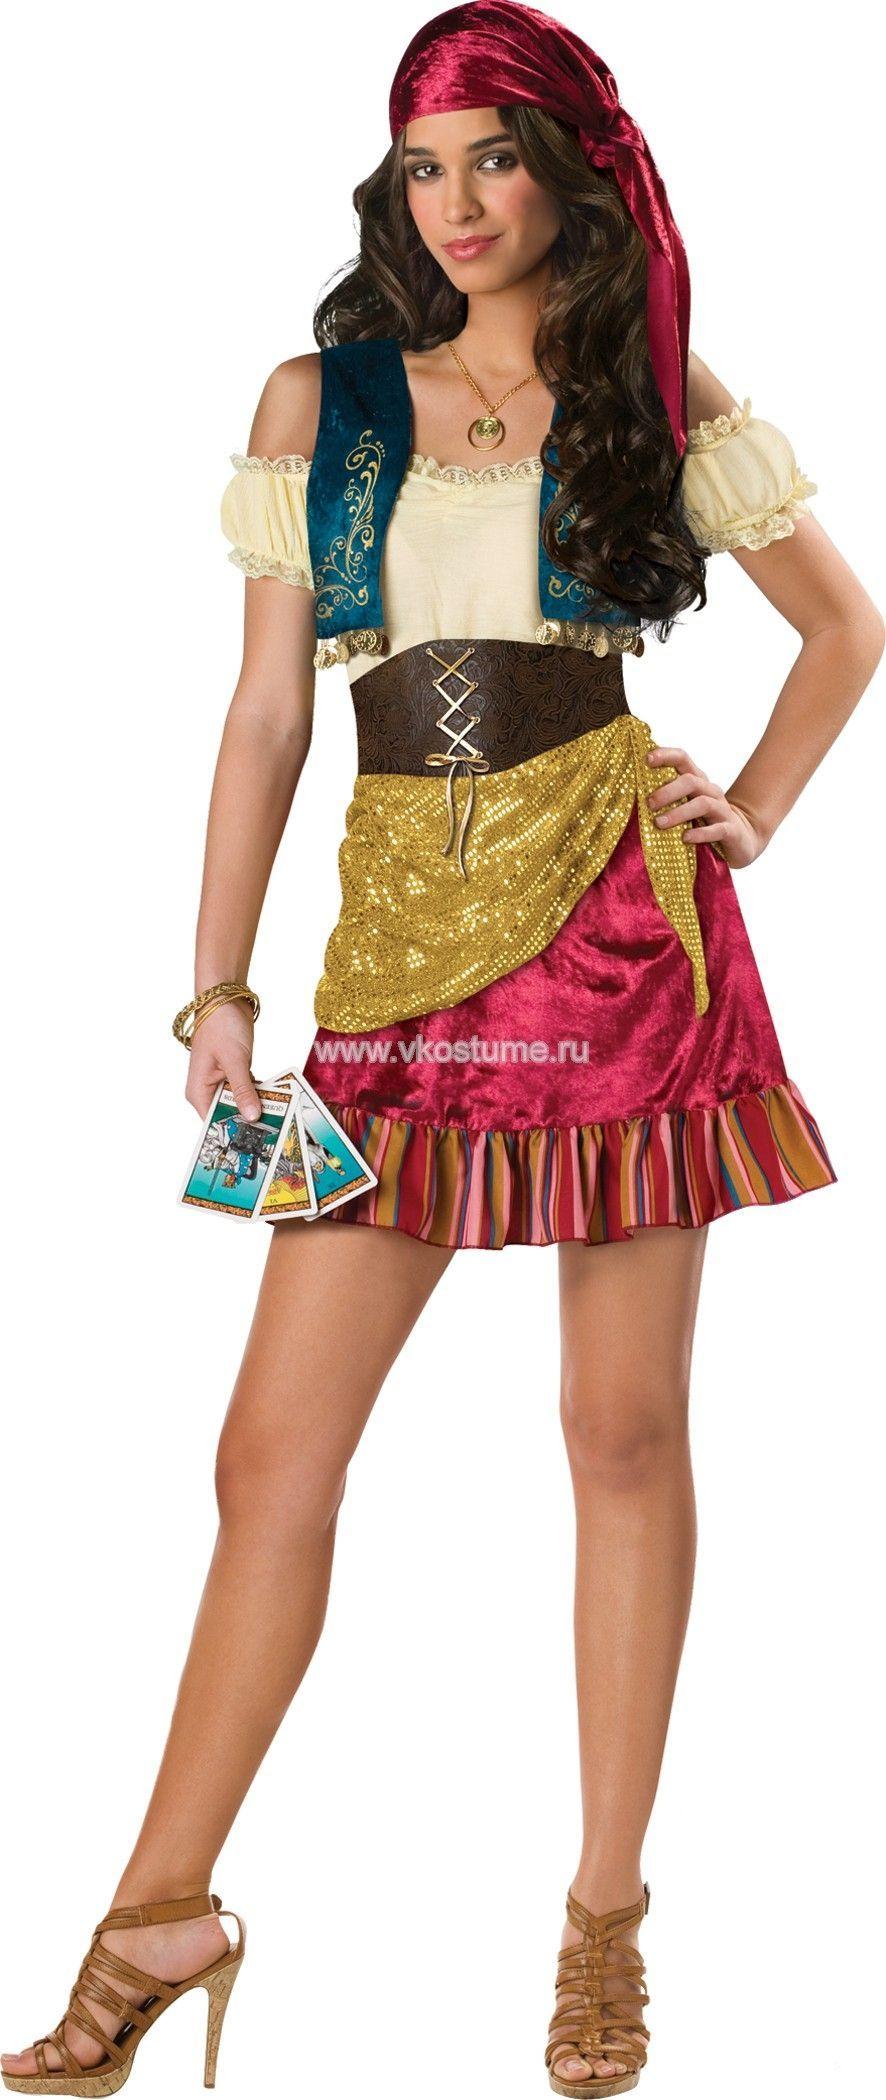 Костюм загадочной девушки цыганки (40-42) костюм цыганки 48